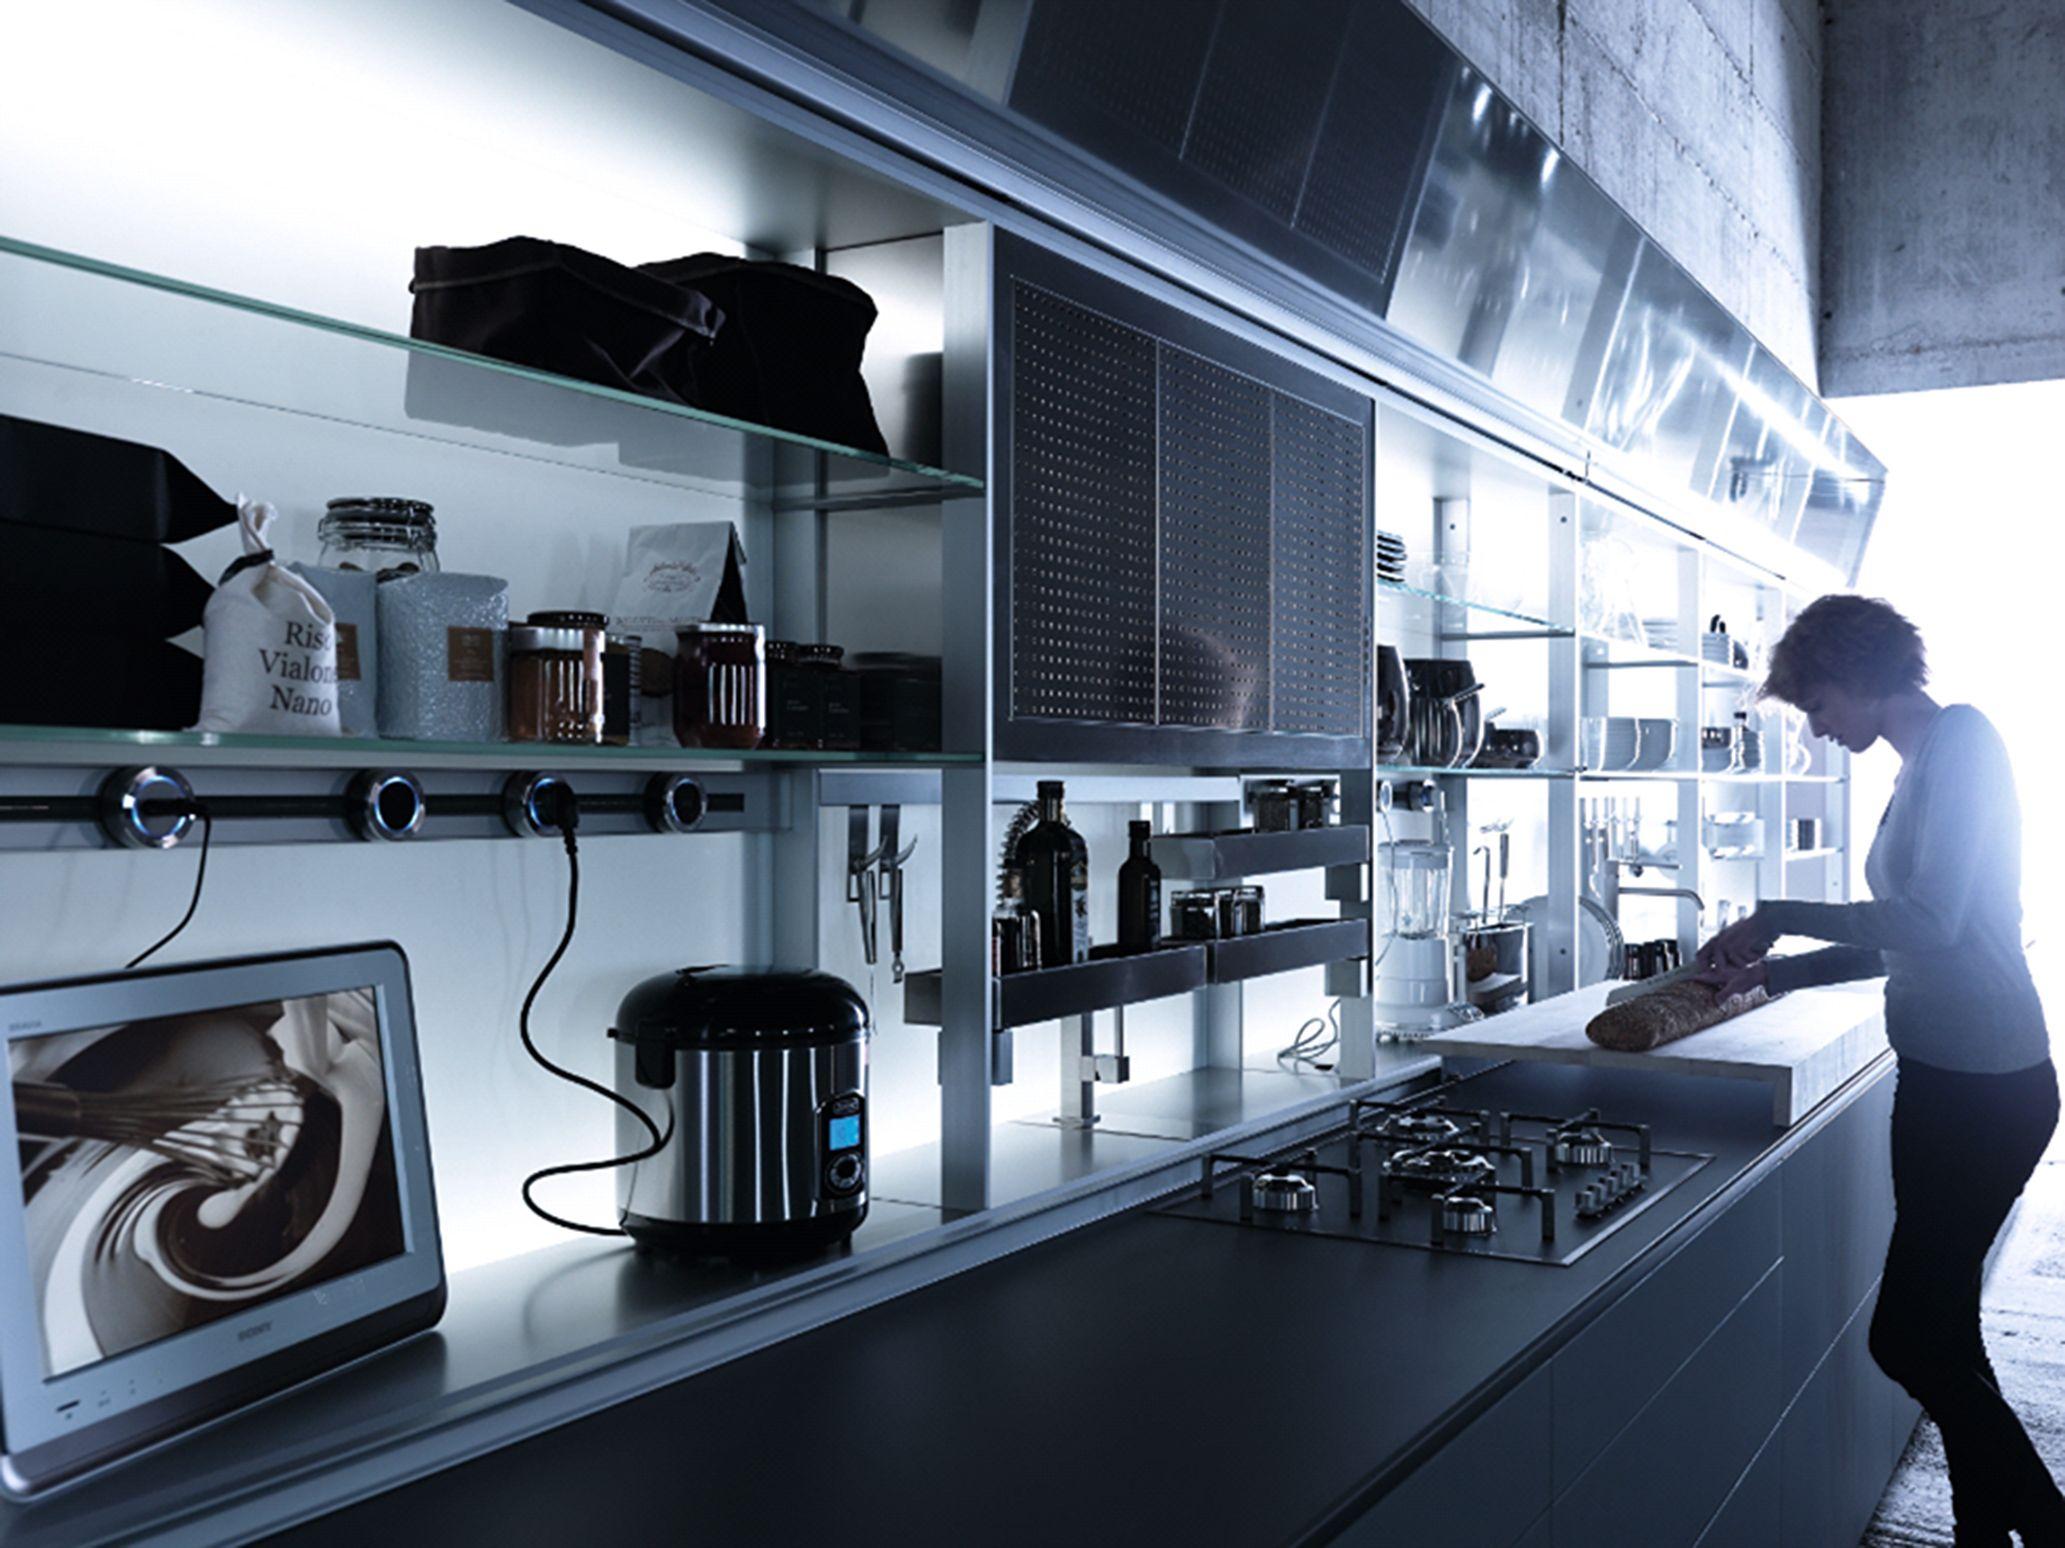 European Kitchen Brands Valcucine New Logica System Italian Kitchen Design Http Www